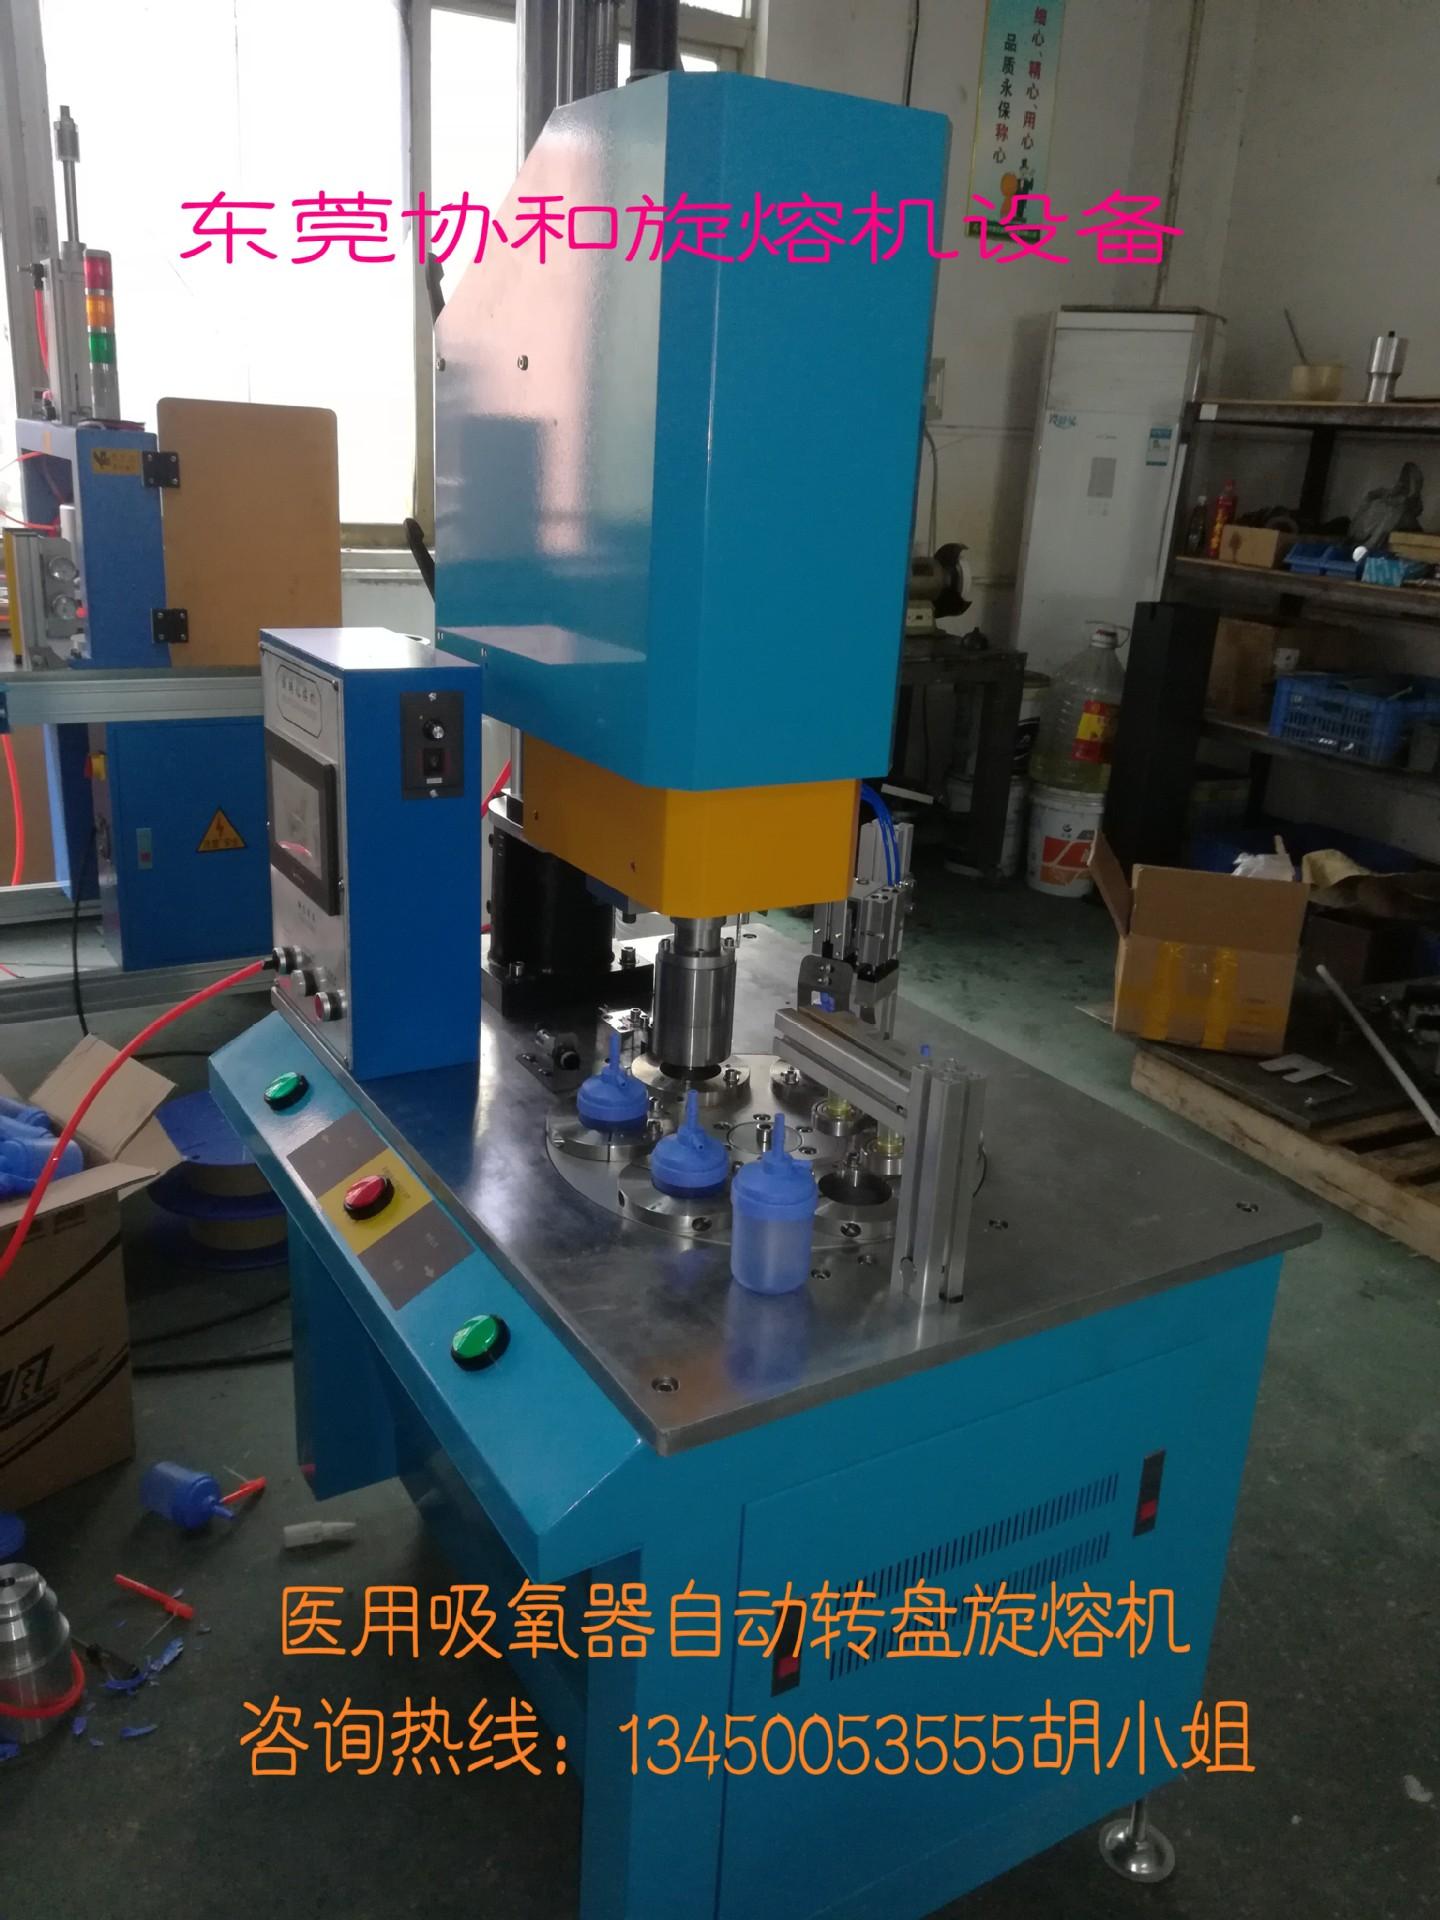 非定位旋熔机 协和机械生产厂家 防水防气密焊接旋熔机示例图21